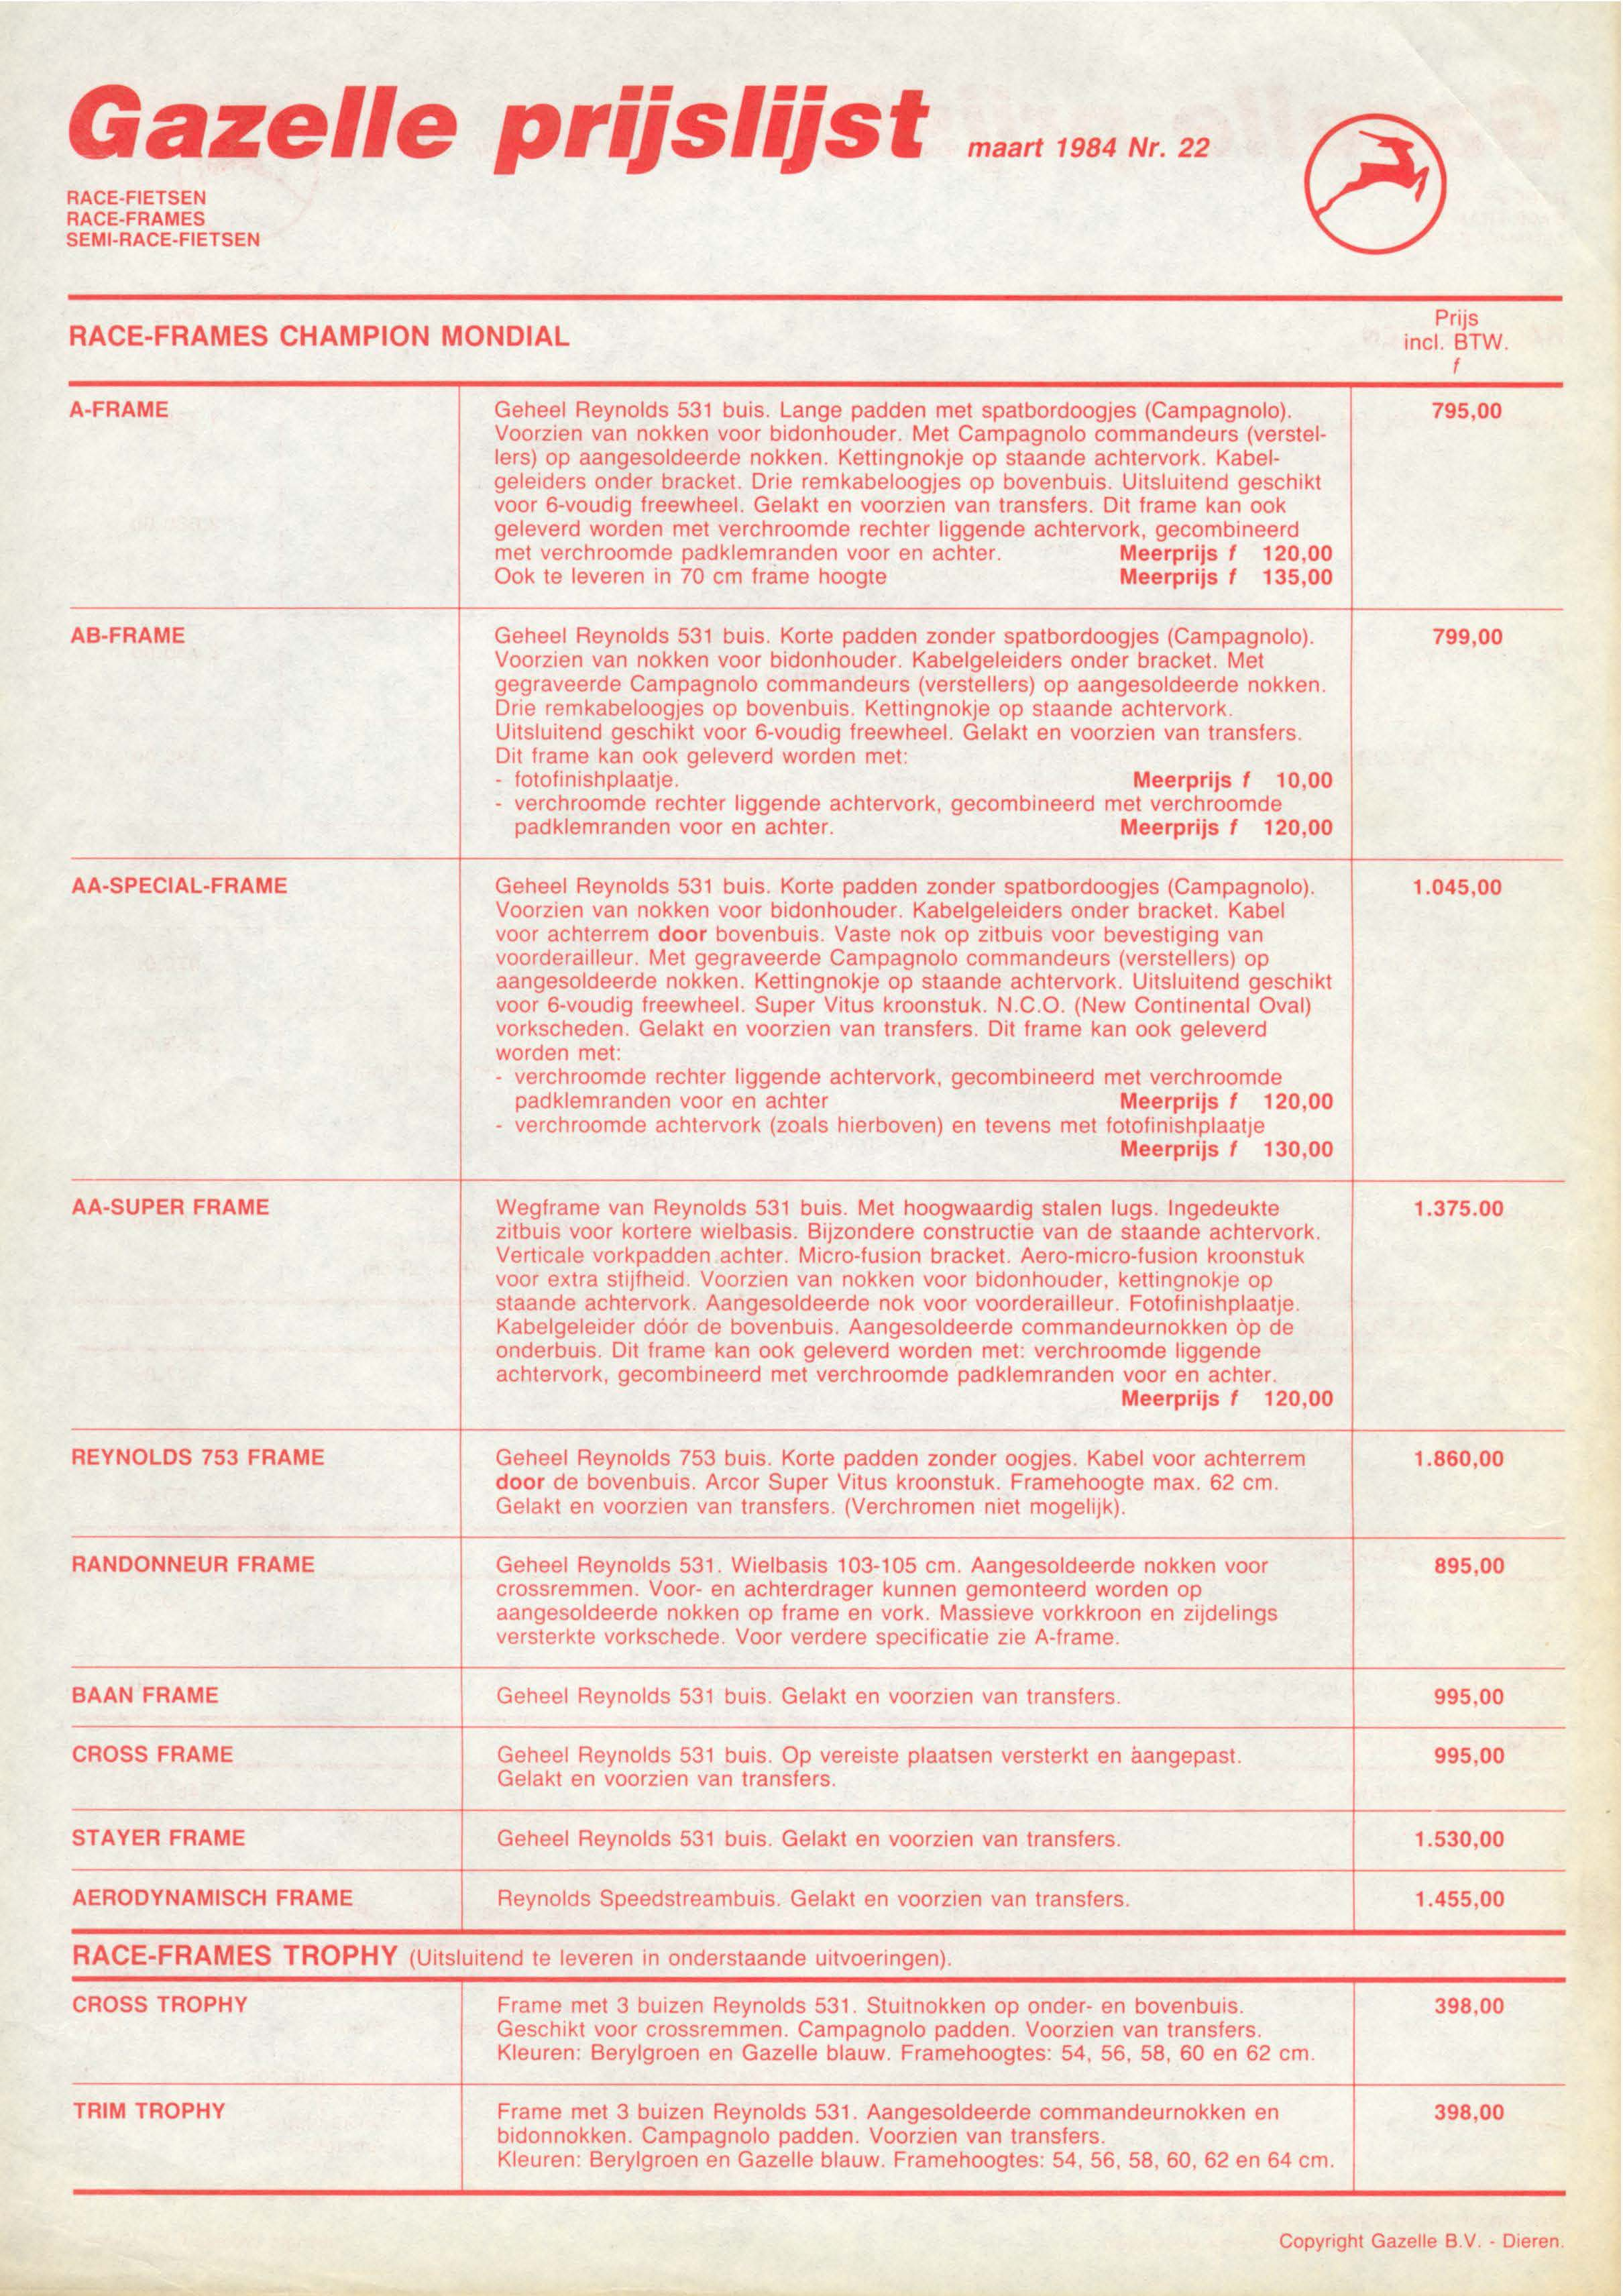 Preisliste-Gazelle-1984-1